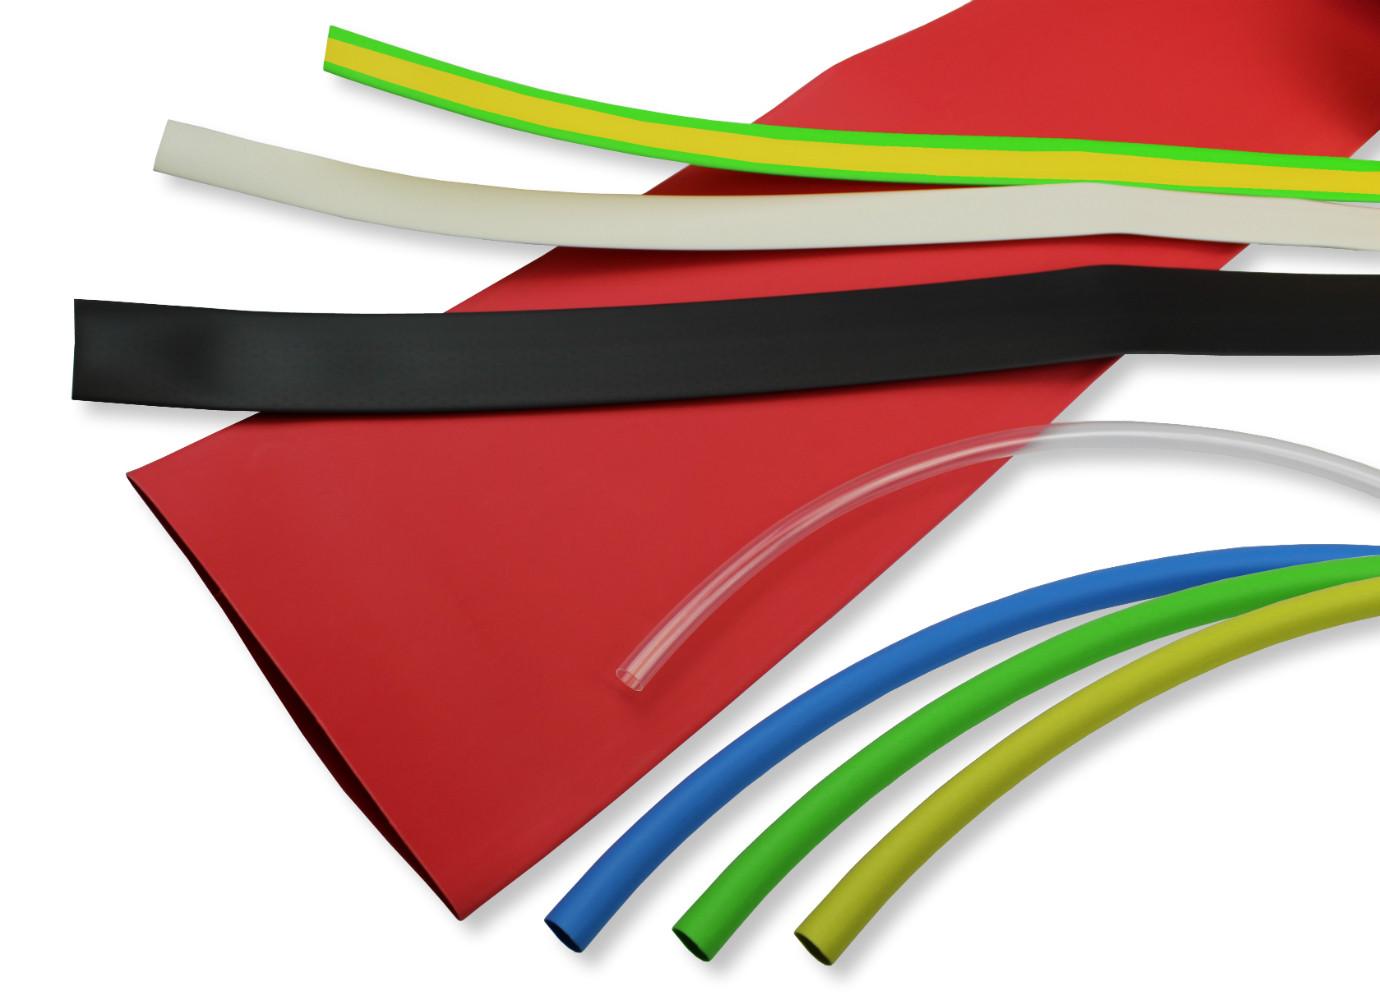 PREMIUM Heat Shrink Tubing 3:1 Ratio HSP3 size 12.0mm I.D / 4.0mm I.D Clear